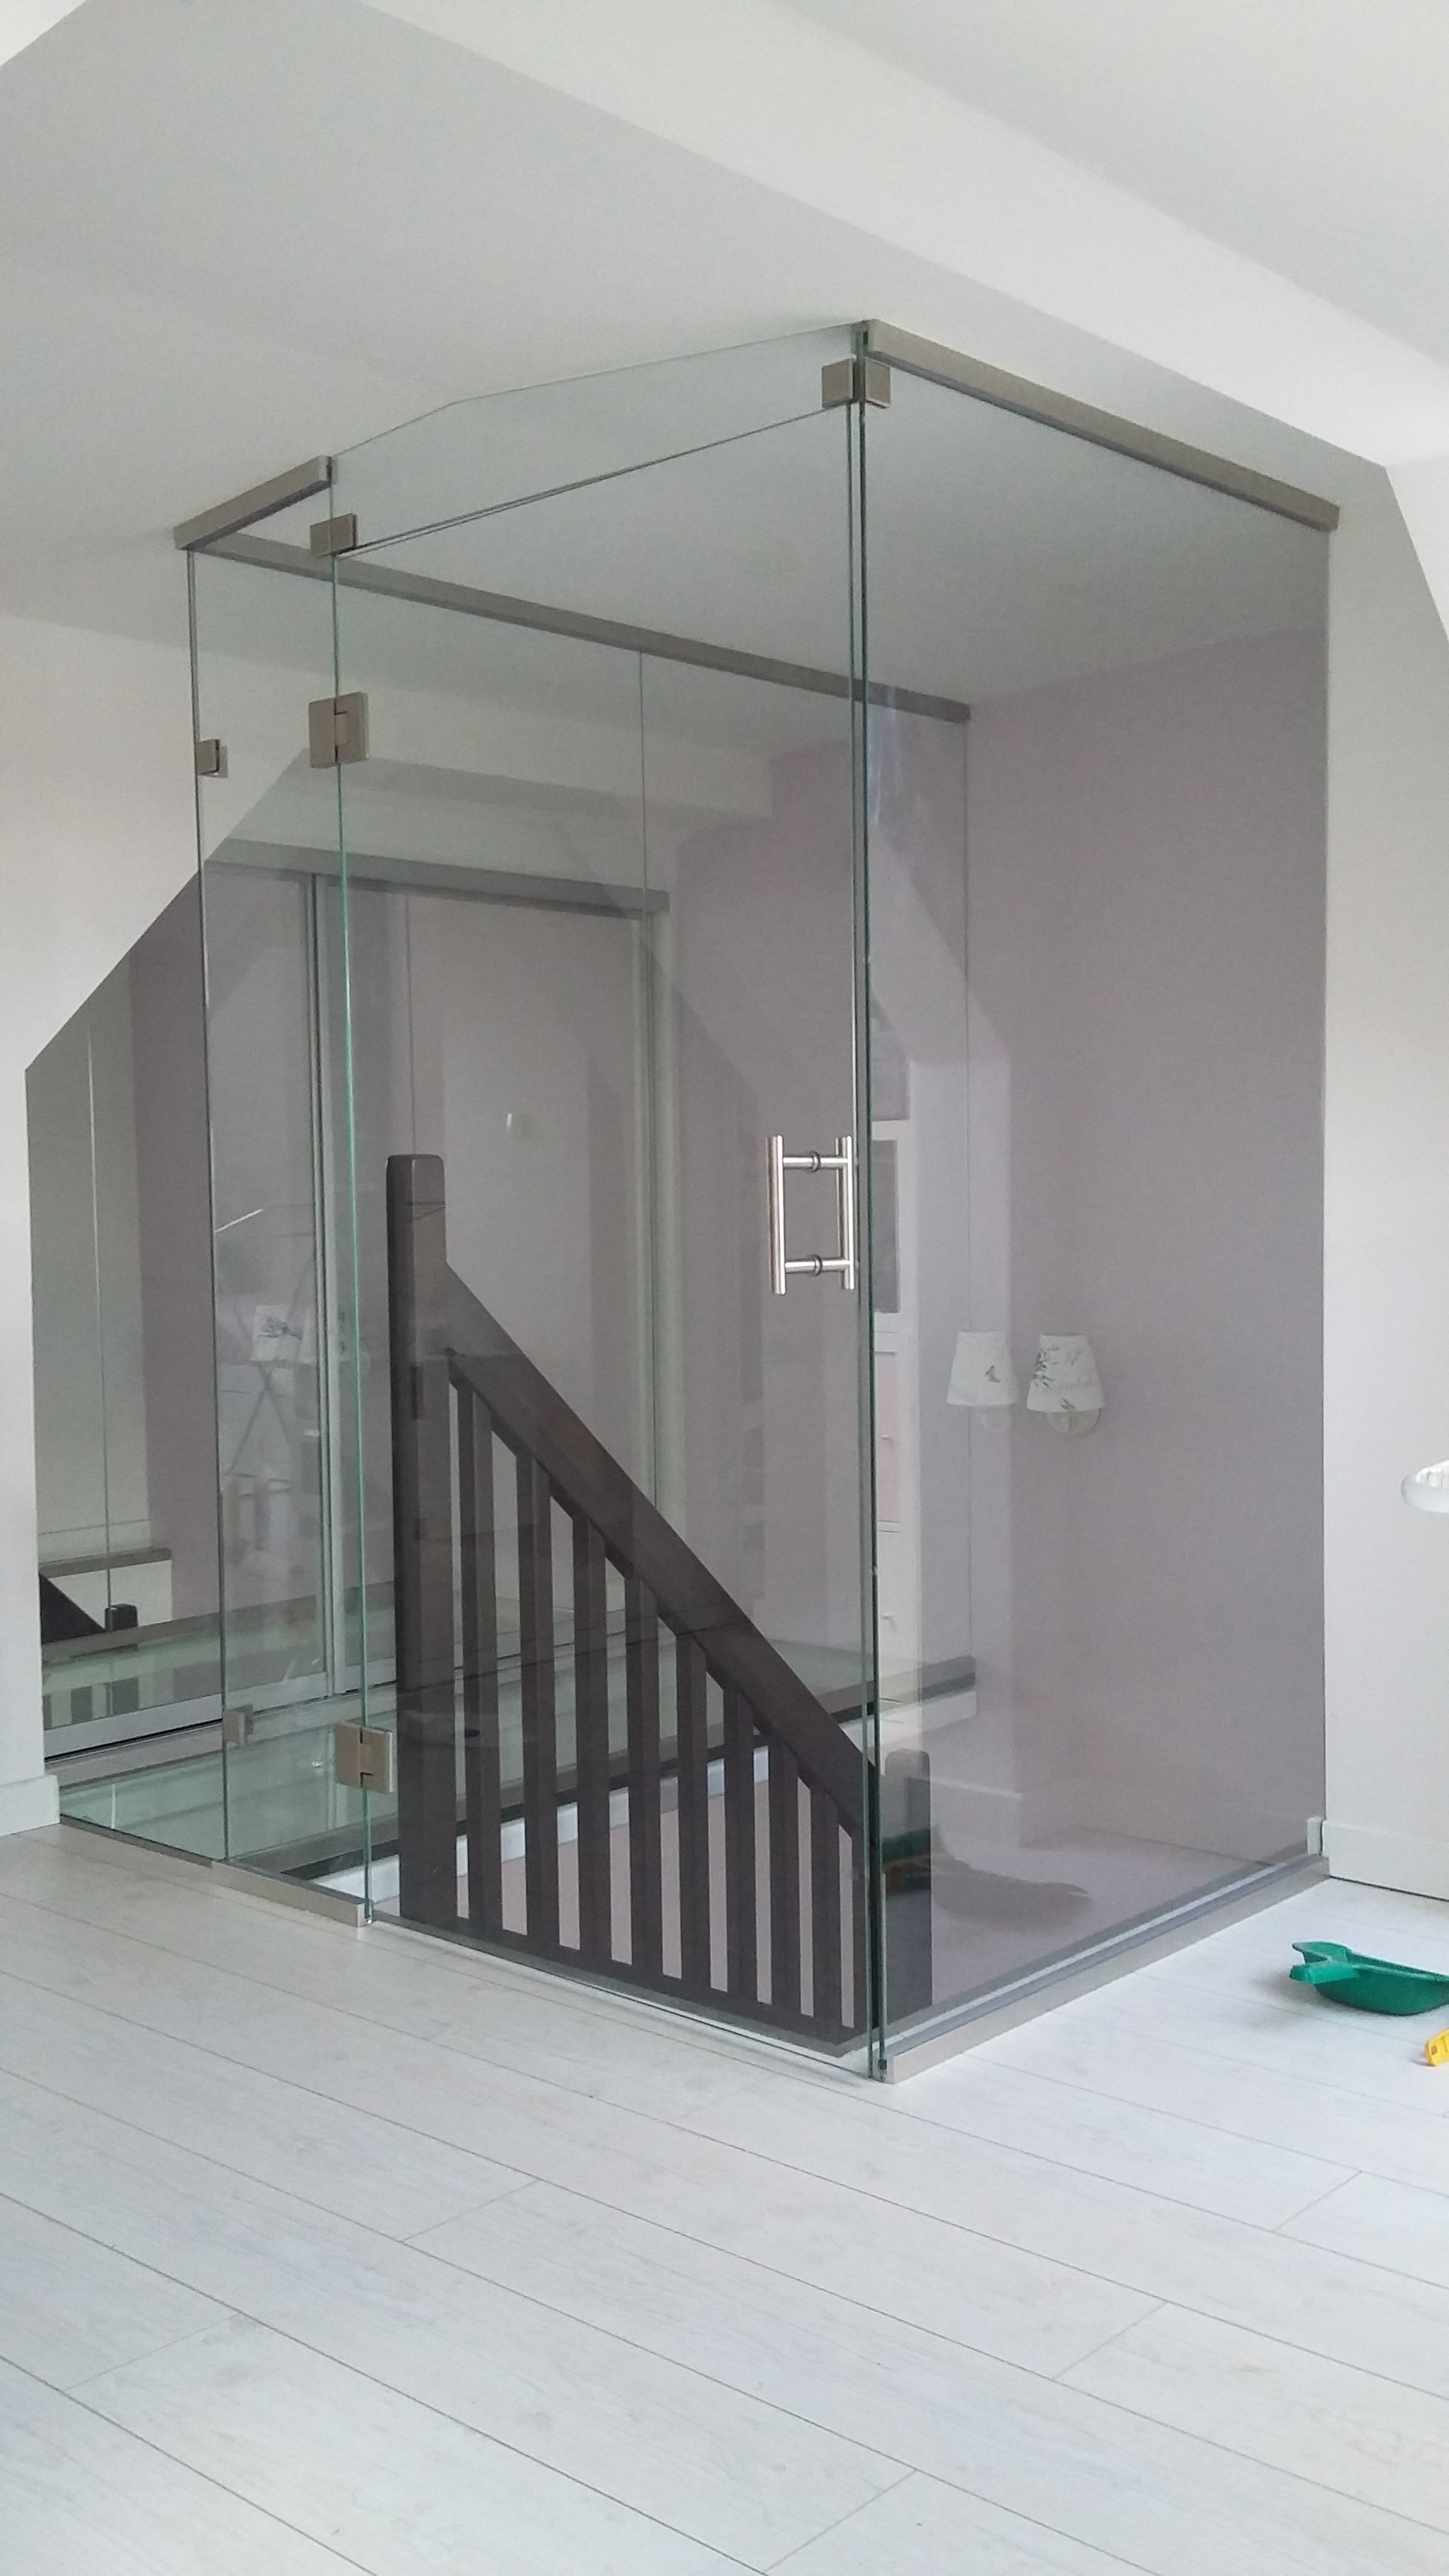 drzwi i ściany szklane